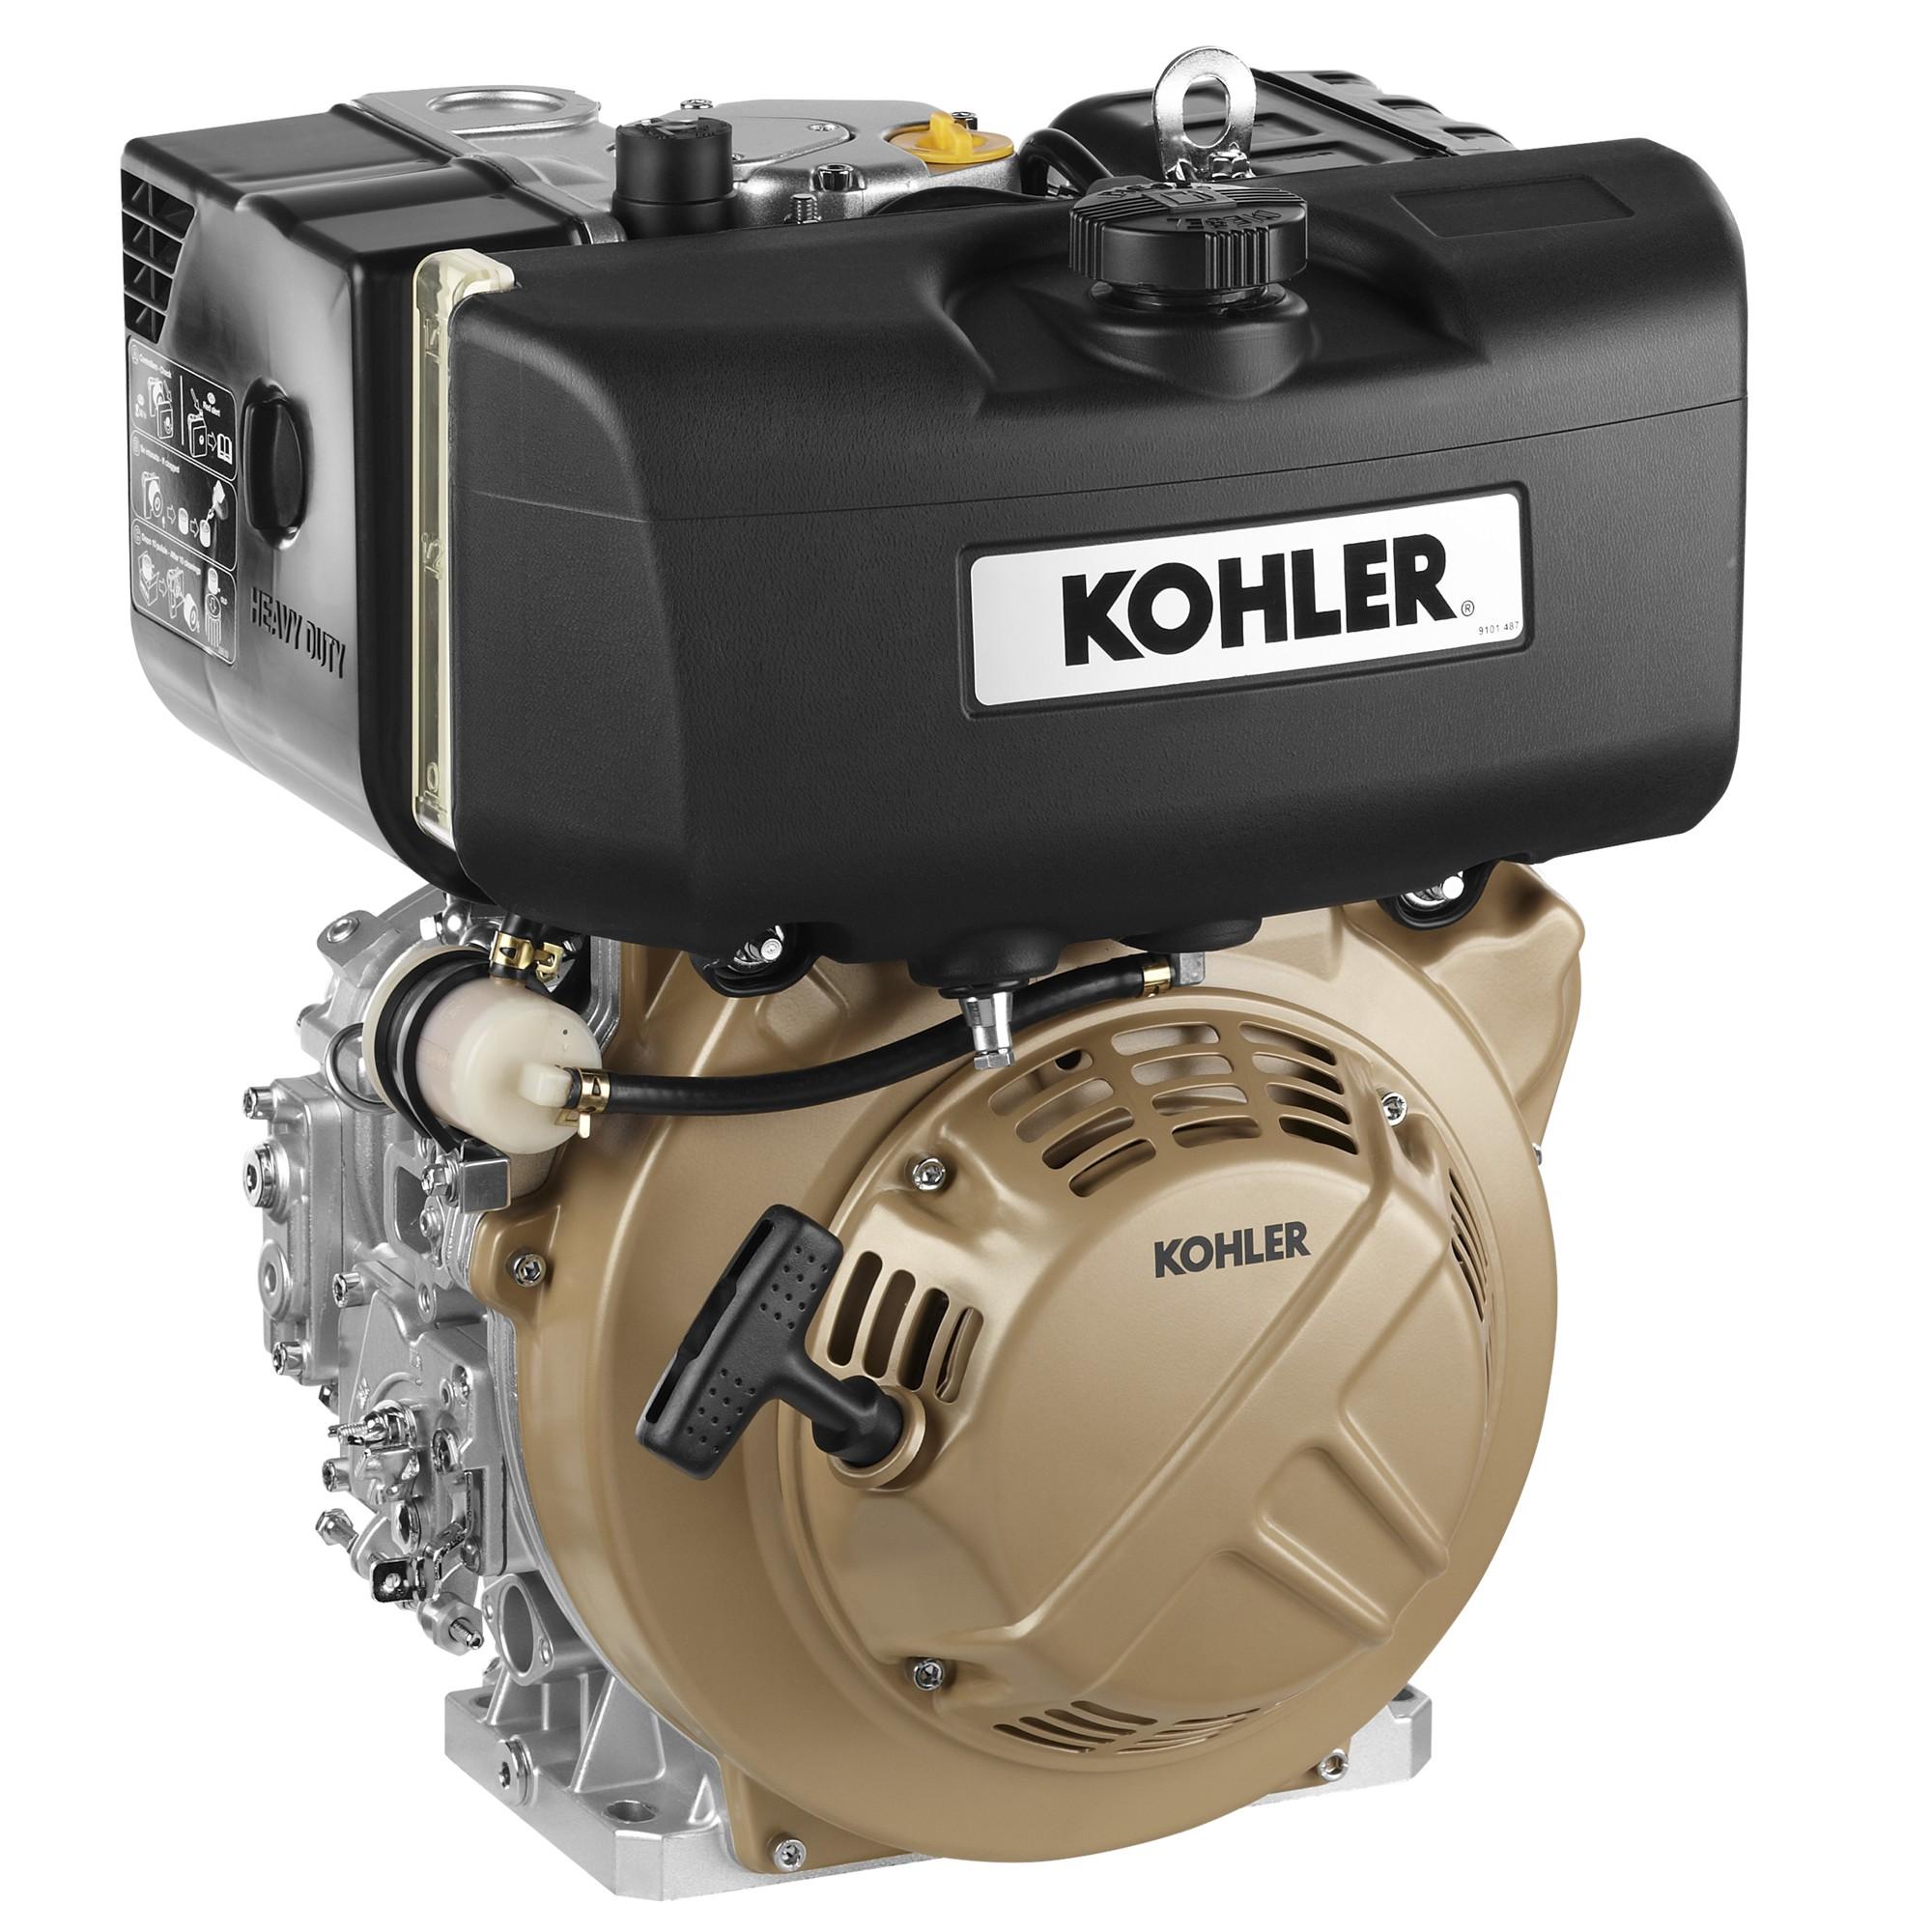 Kohler 26 Hp Engine Manual Ebook Electrical Diagram Economy Array Kd440 Parts Enthusiast Wiring Diagrams U2022 Rh Rasalibre Co